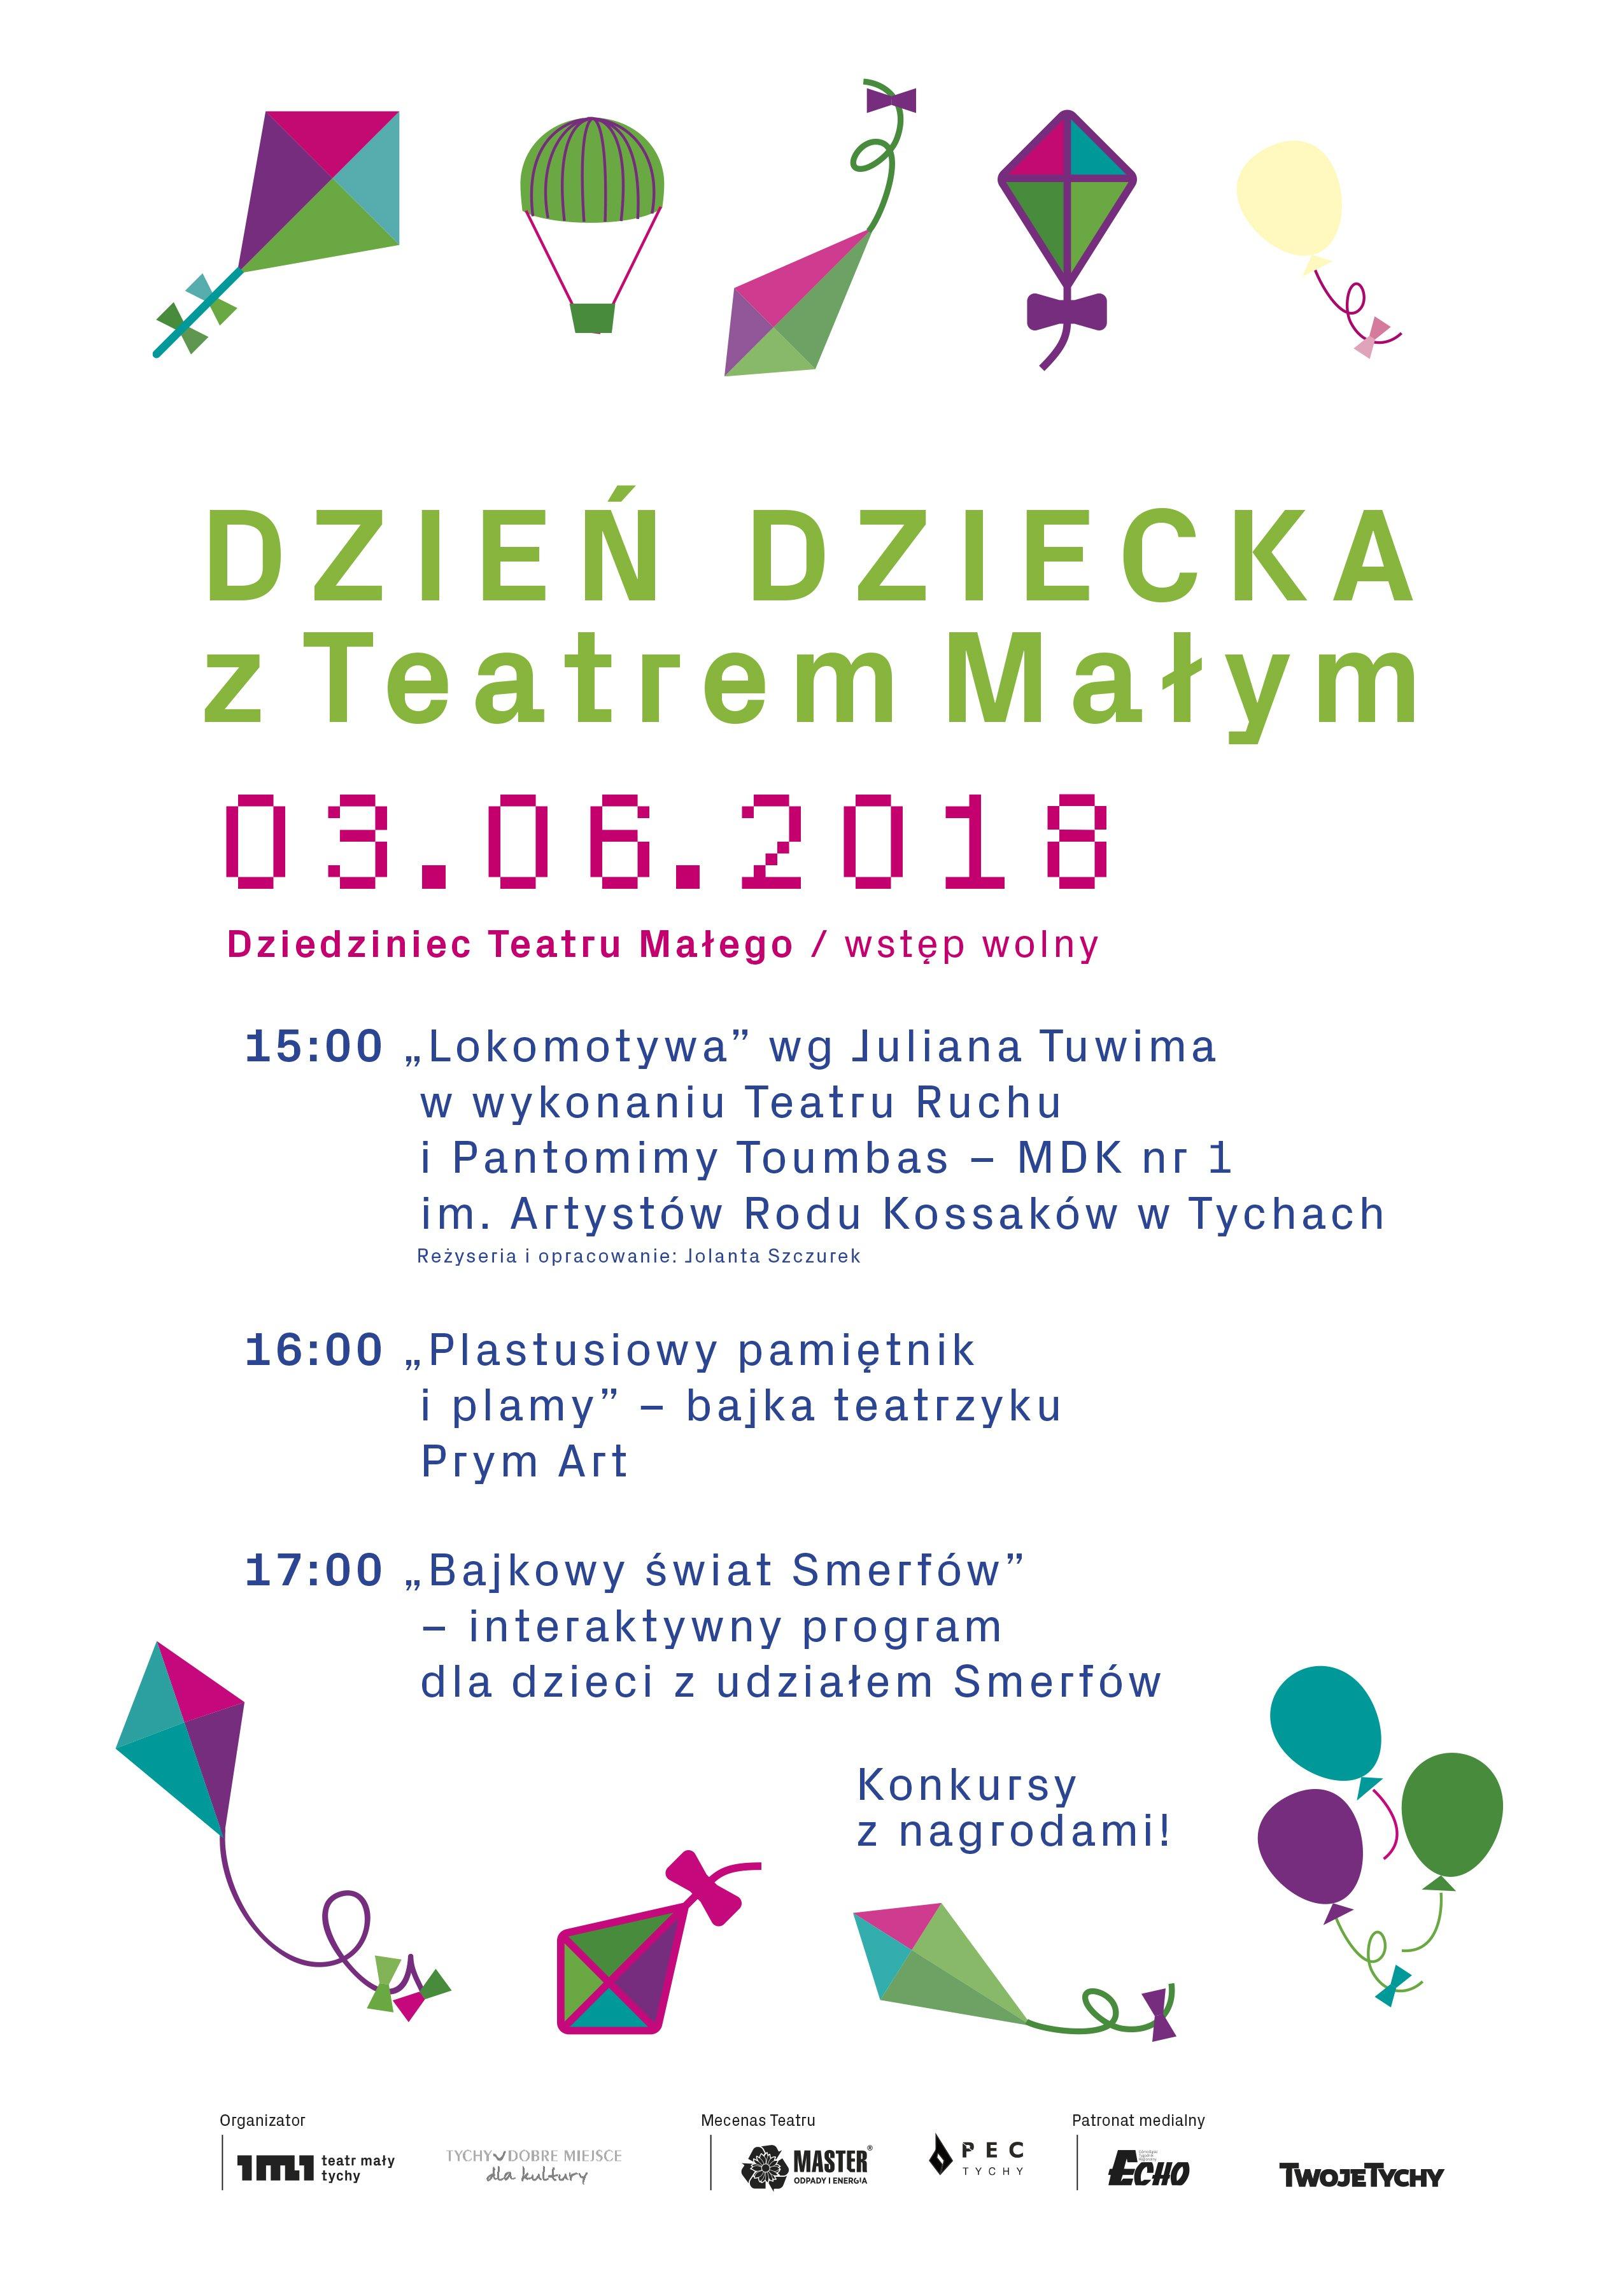 Dzień Dziecka z Teatrem Małym